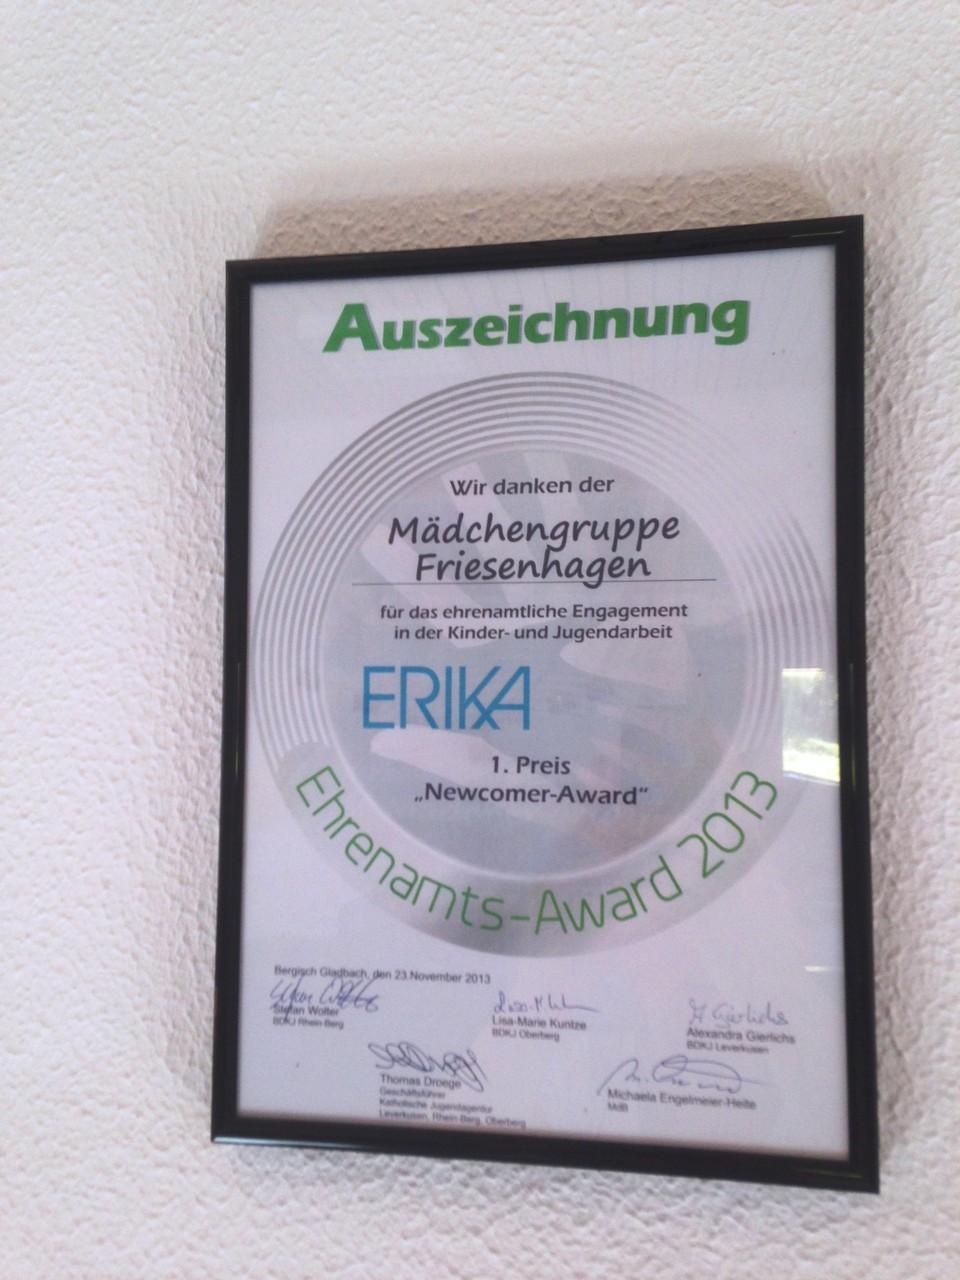 Und hier die Auszeichung für den Erika-Award